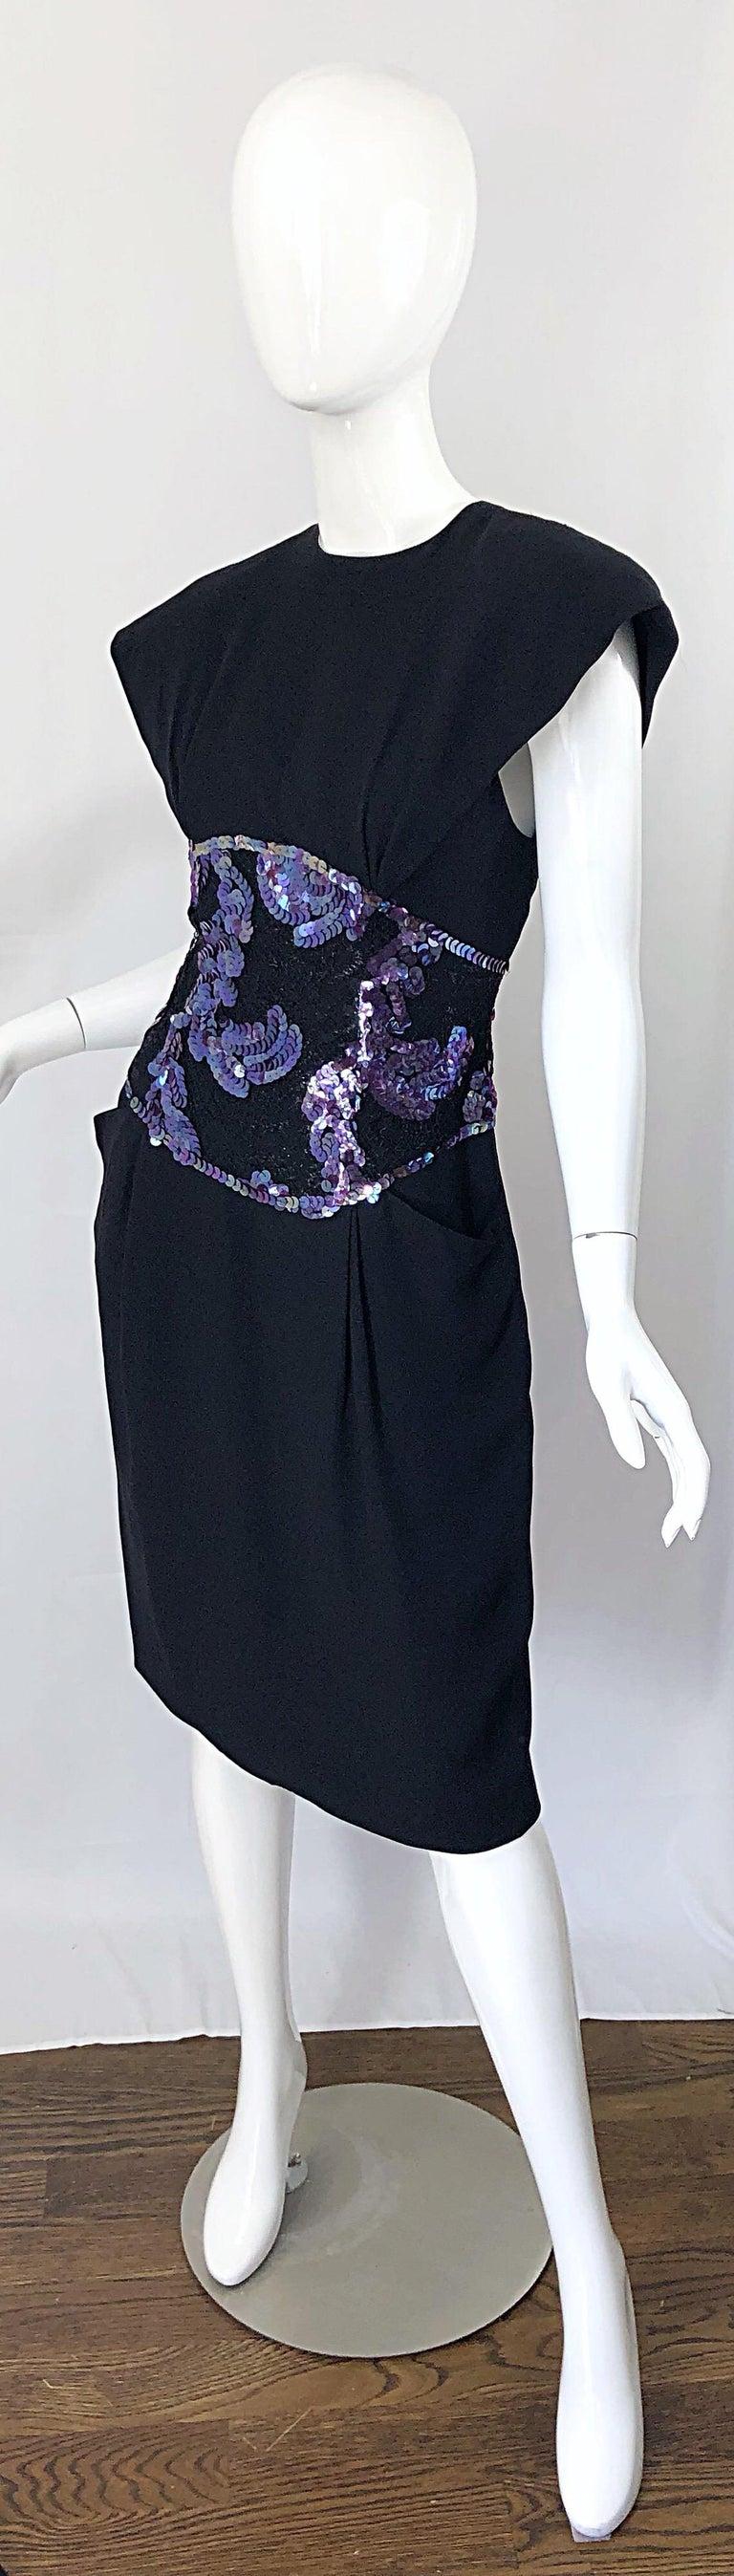 Vintage Geoffrey Beene Size 10 Avant Garde Black Purple Sequin Lace Silk Dress For Sale 6